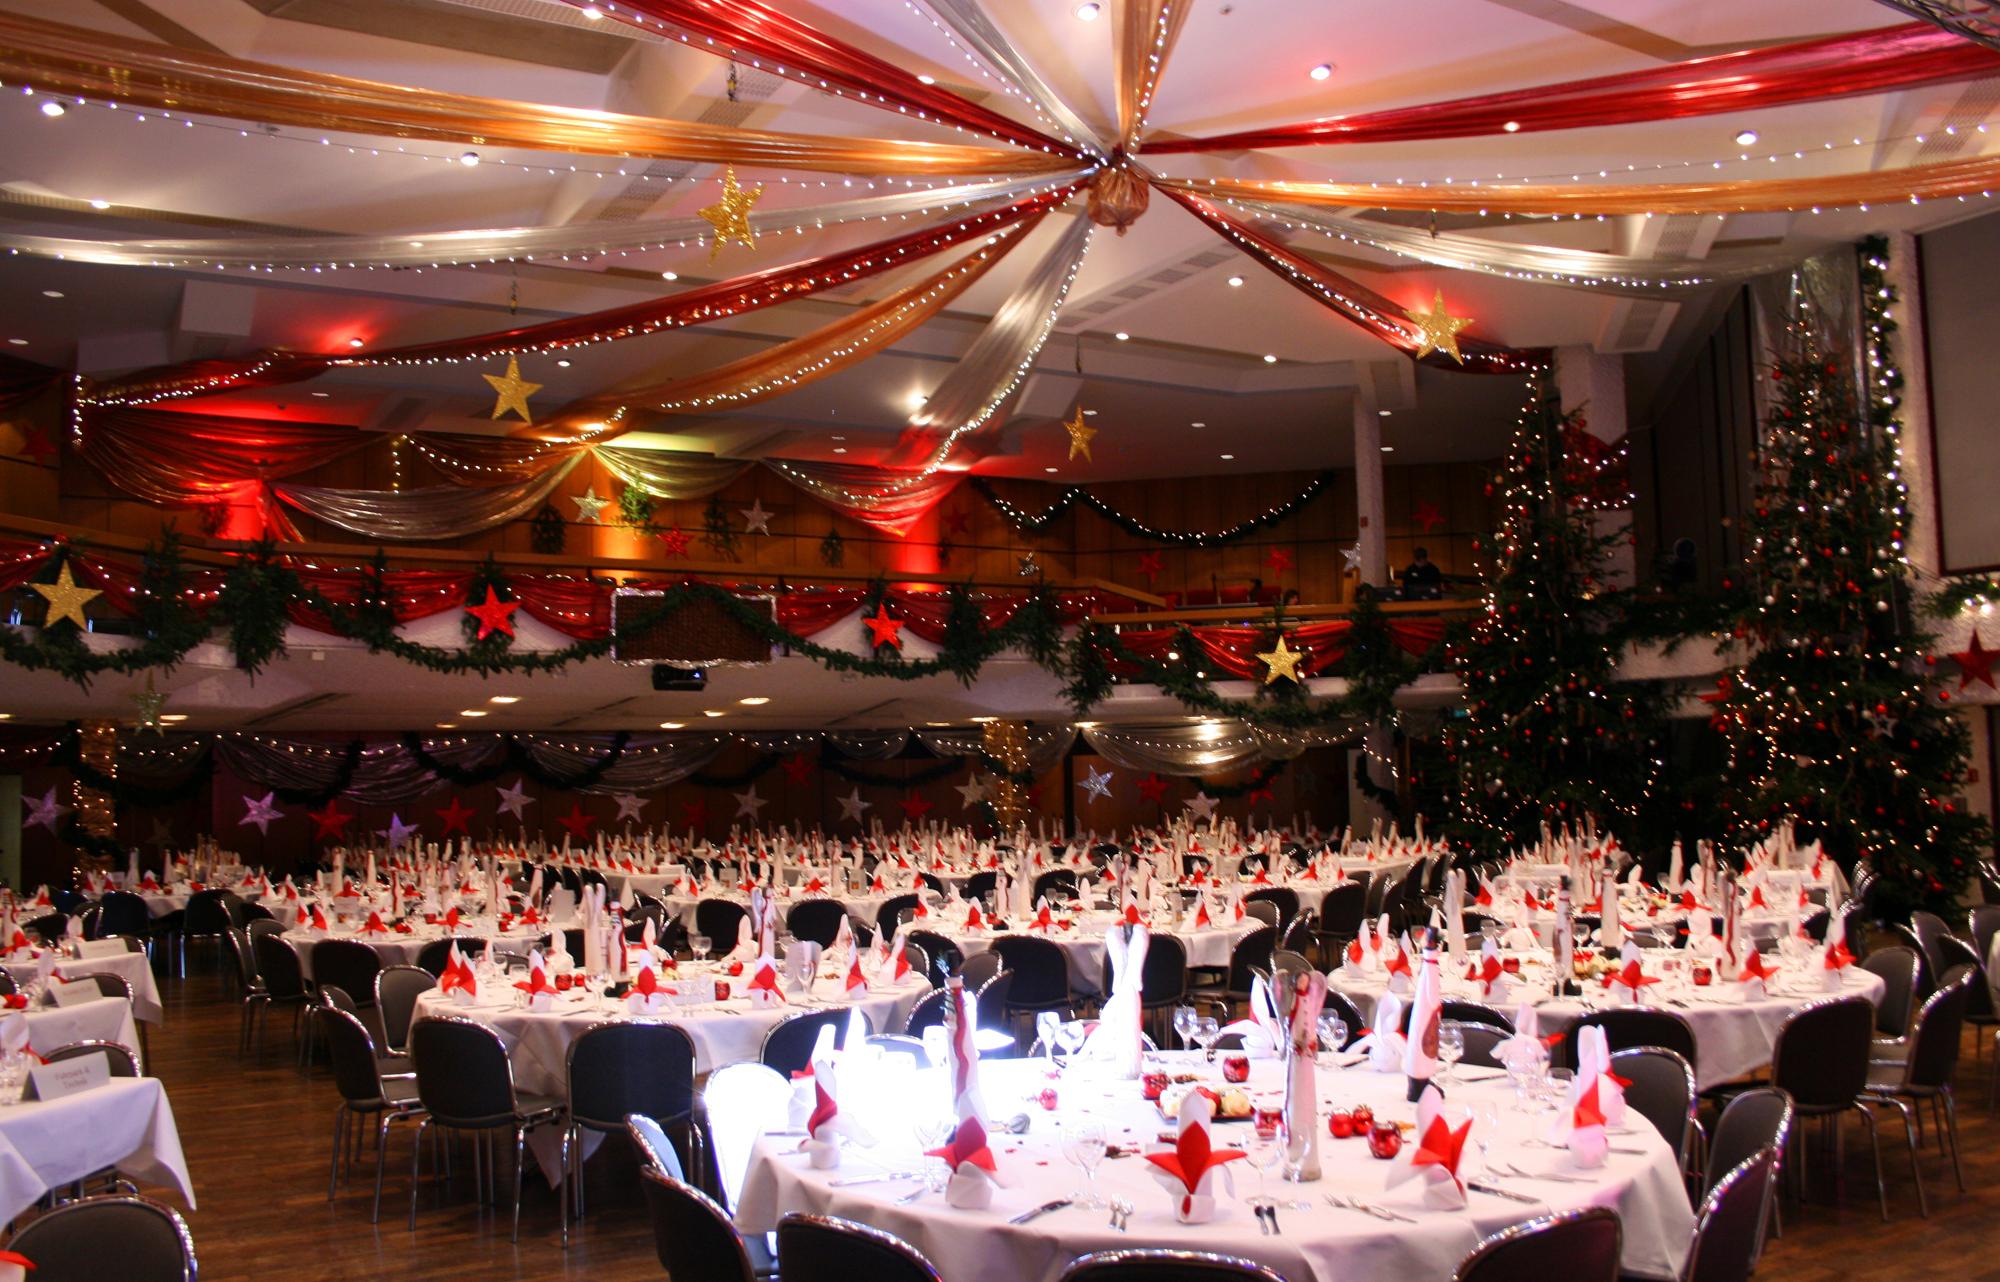 Angebot Weihnachtsfeier.Weihnachtsfeier Angebot Weihnachtsfeier In Stuttgart